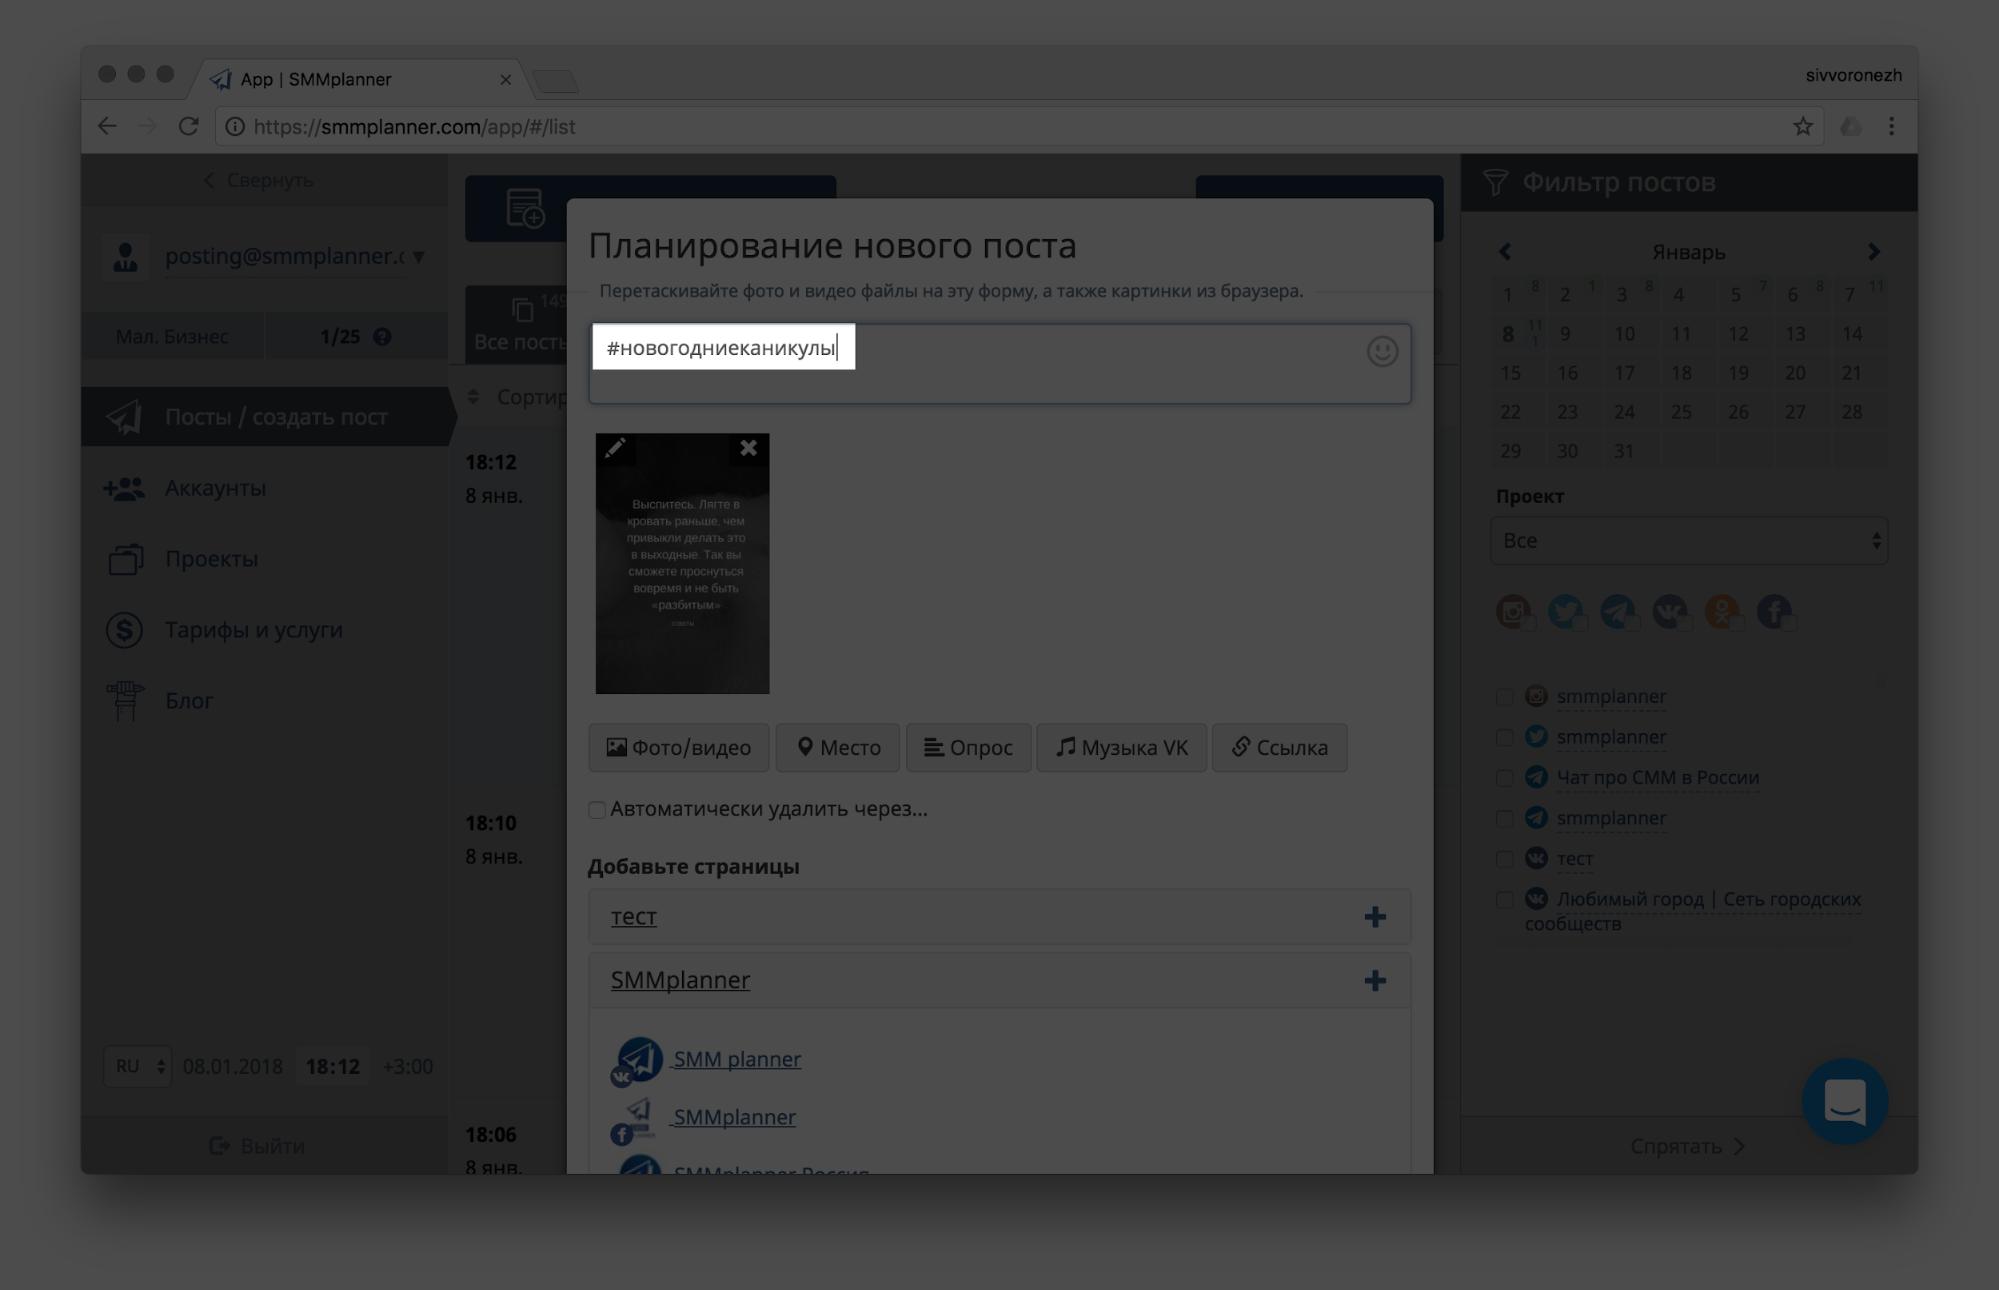 Как добавить сторис в Инстаграм через SMMplanner: шаг 5